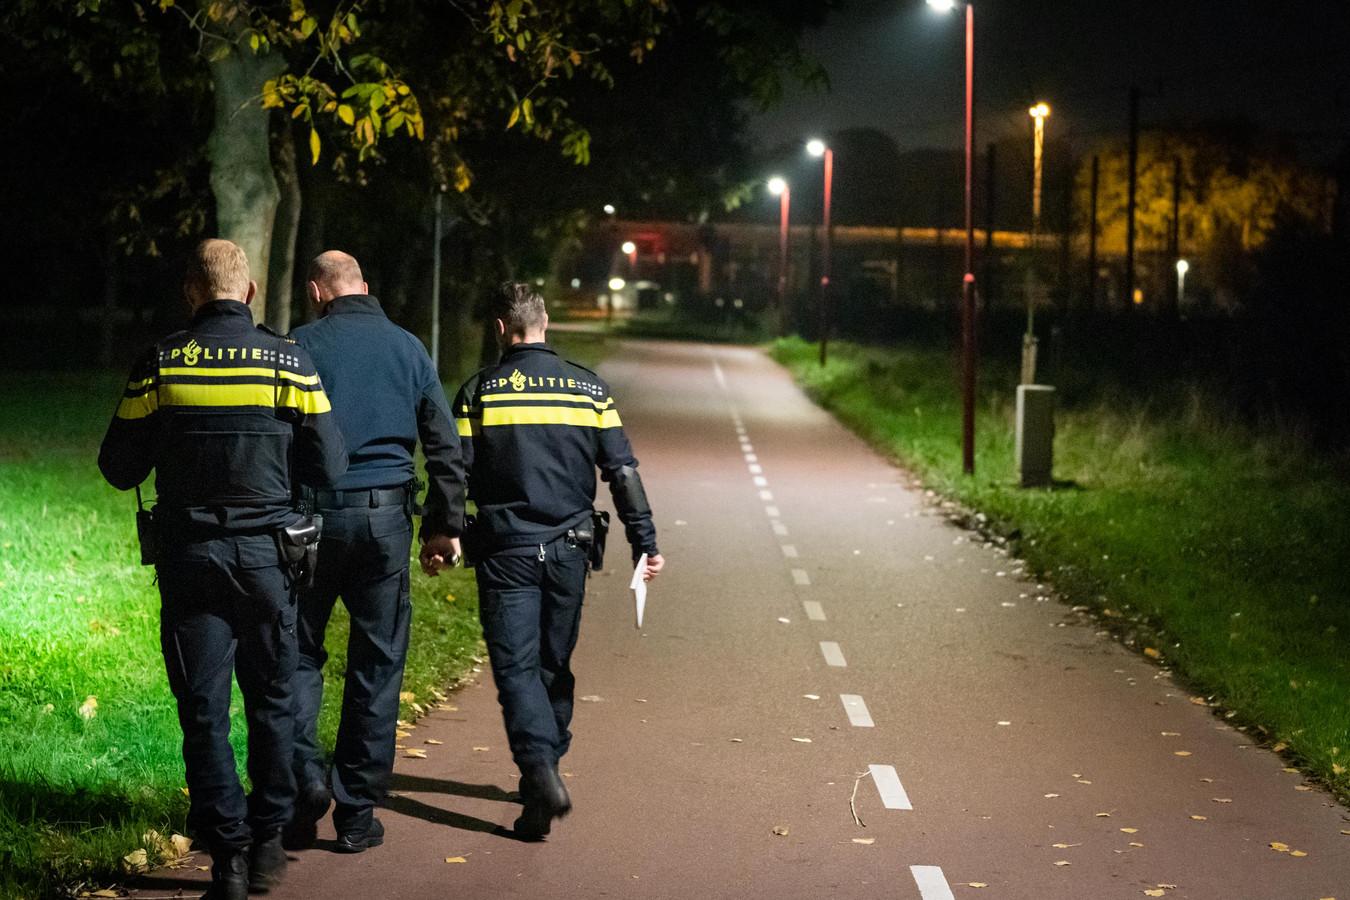 De politie en recherche zoeken naar een verdachte.